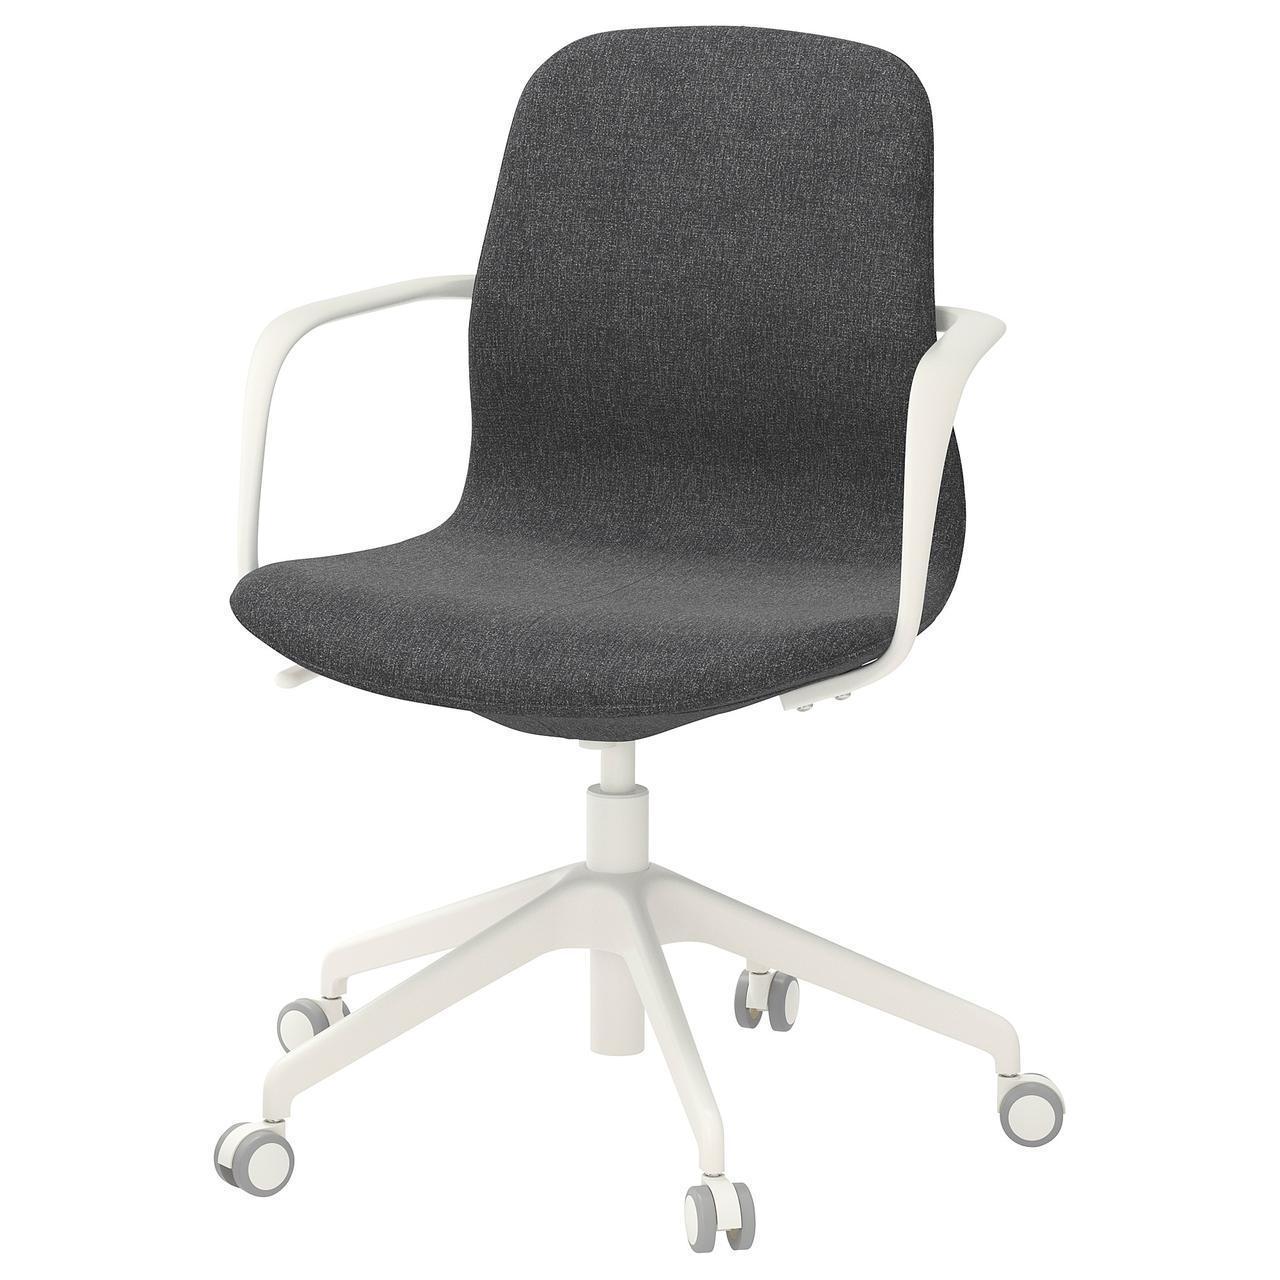 Компьютерное кресло IKEA LÅNGFJÄLL Gunnared темно-серое белое 892.527.73